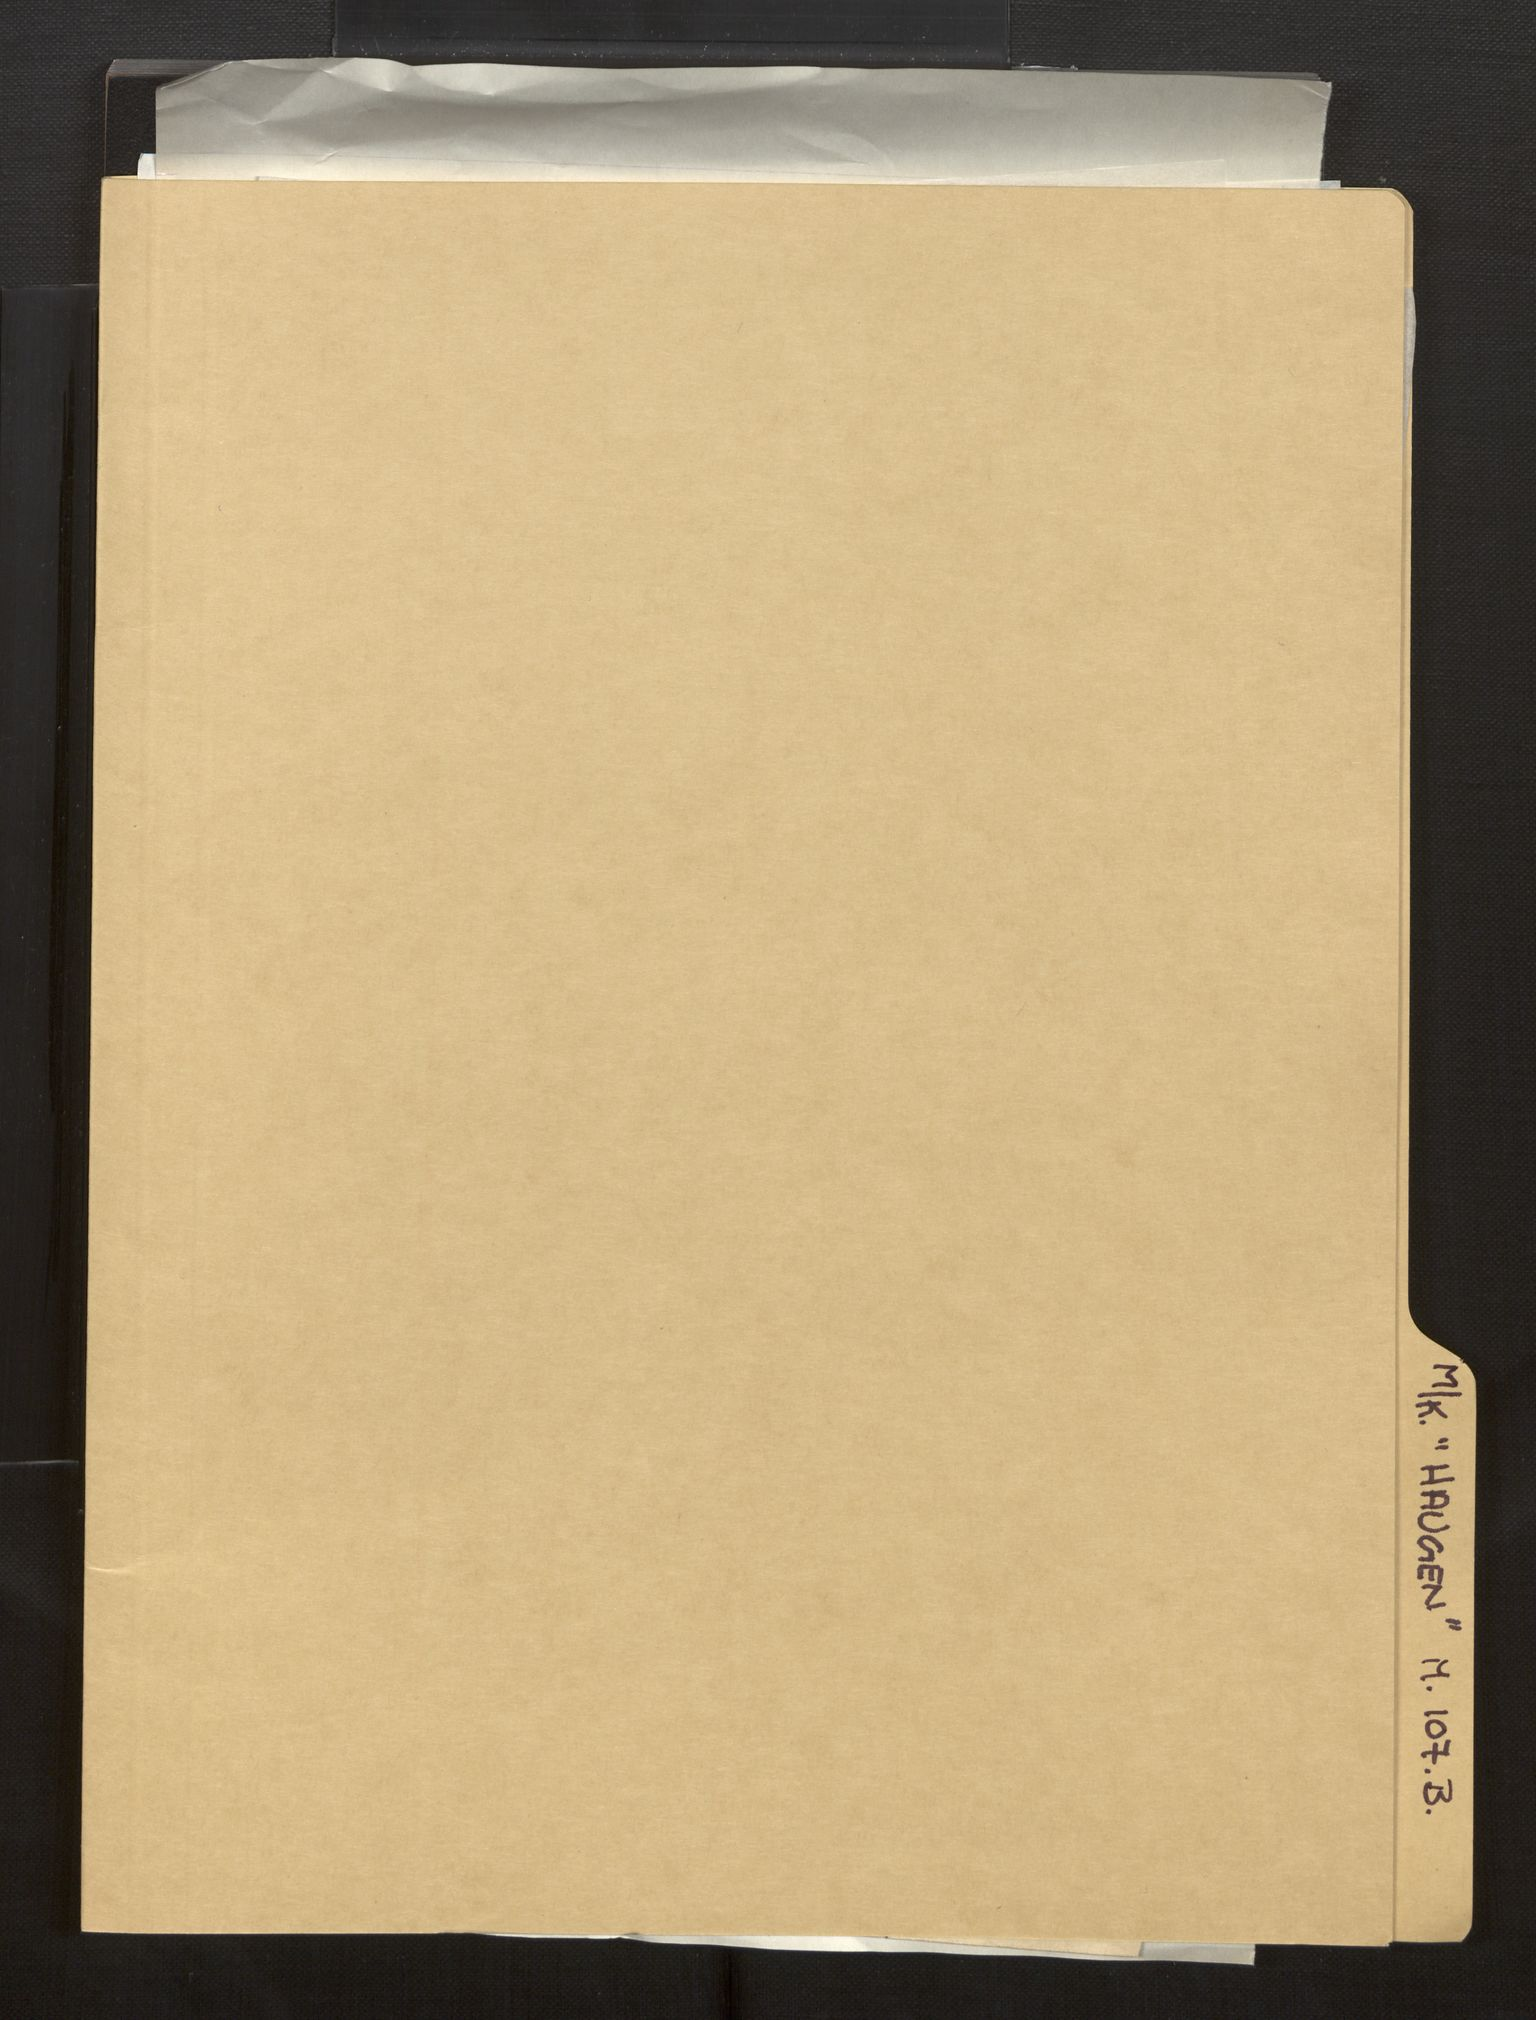 SAB, Fiskeridirektoratet - 1 Adm. ledelse - 13 Båtkontoret, La/L0042: Statens krigsforsikring for fiskeflåten, 1936-1971, p. 784